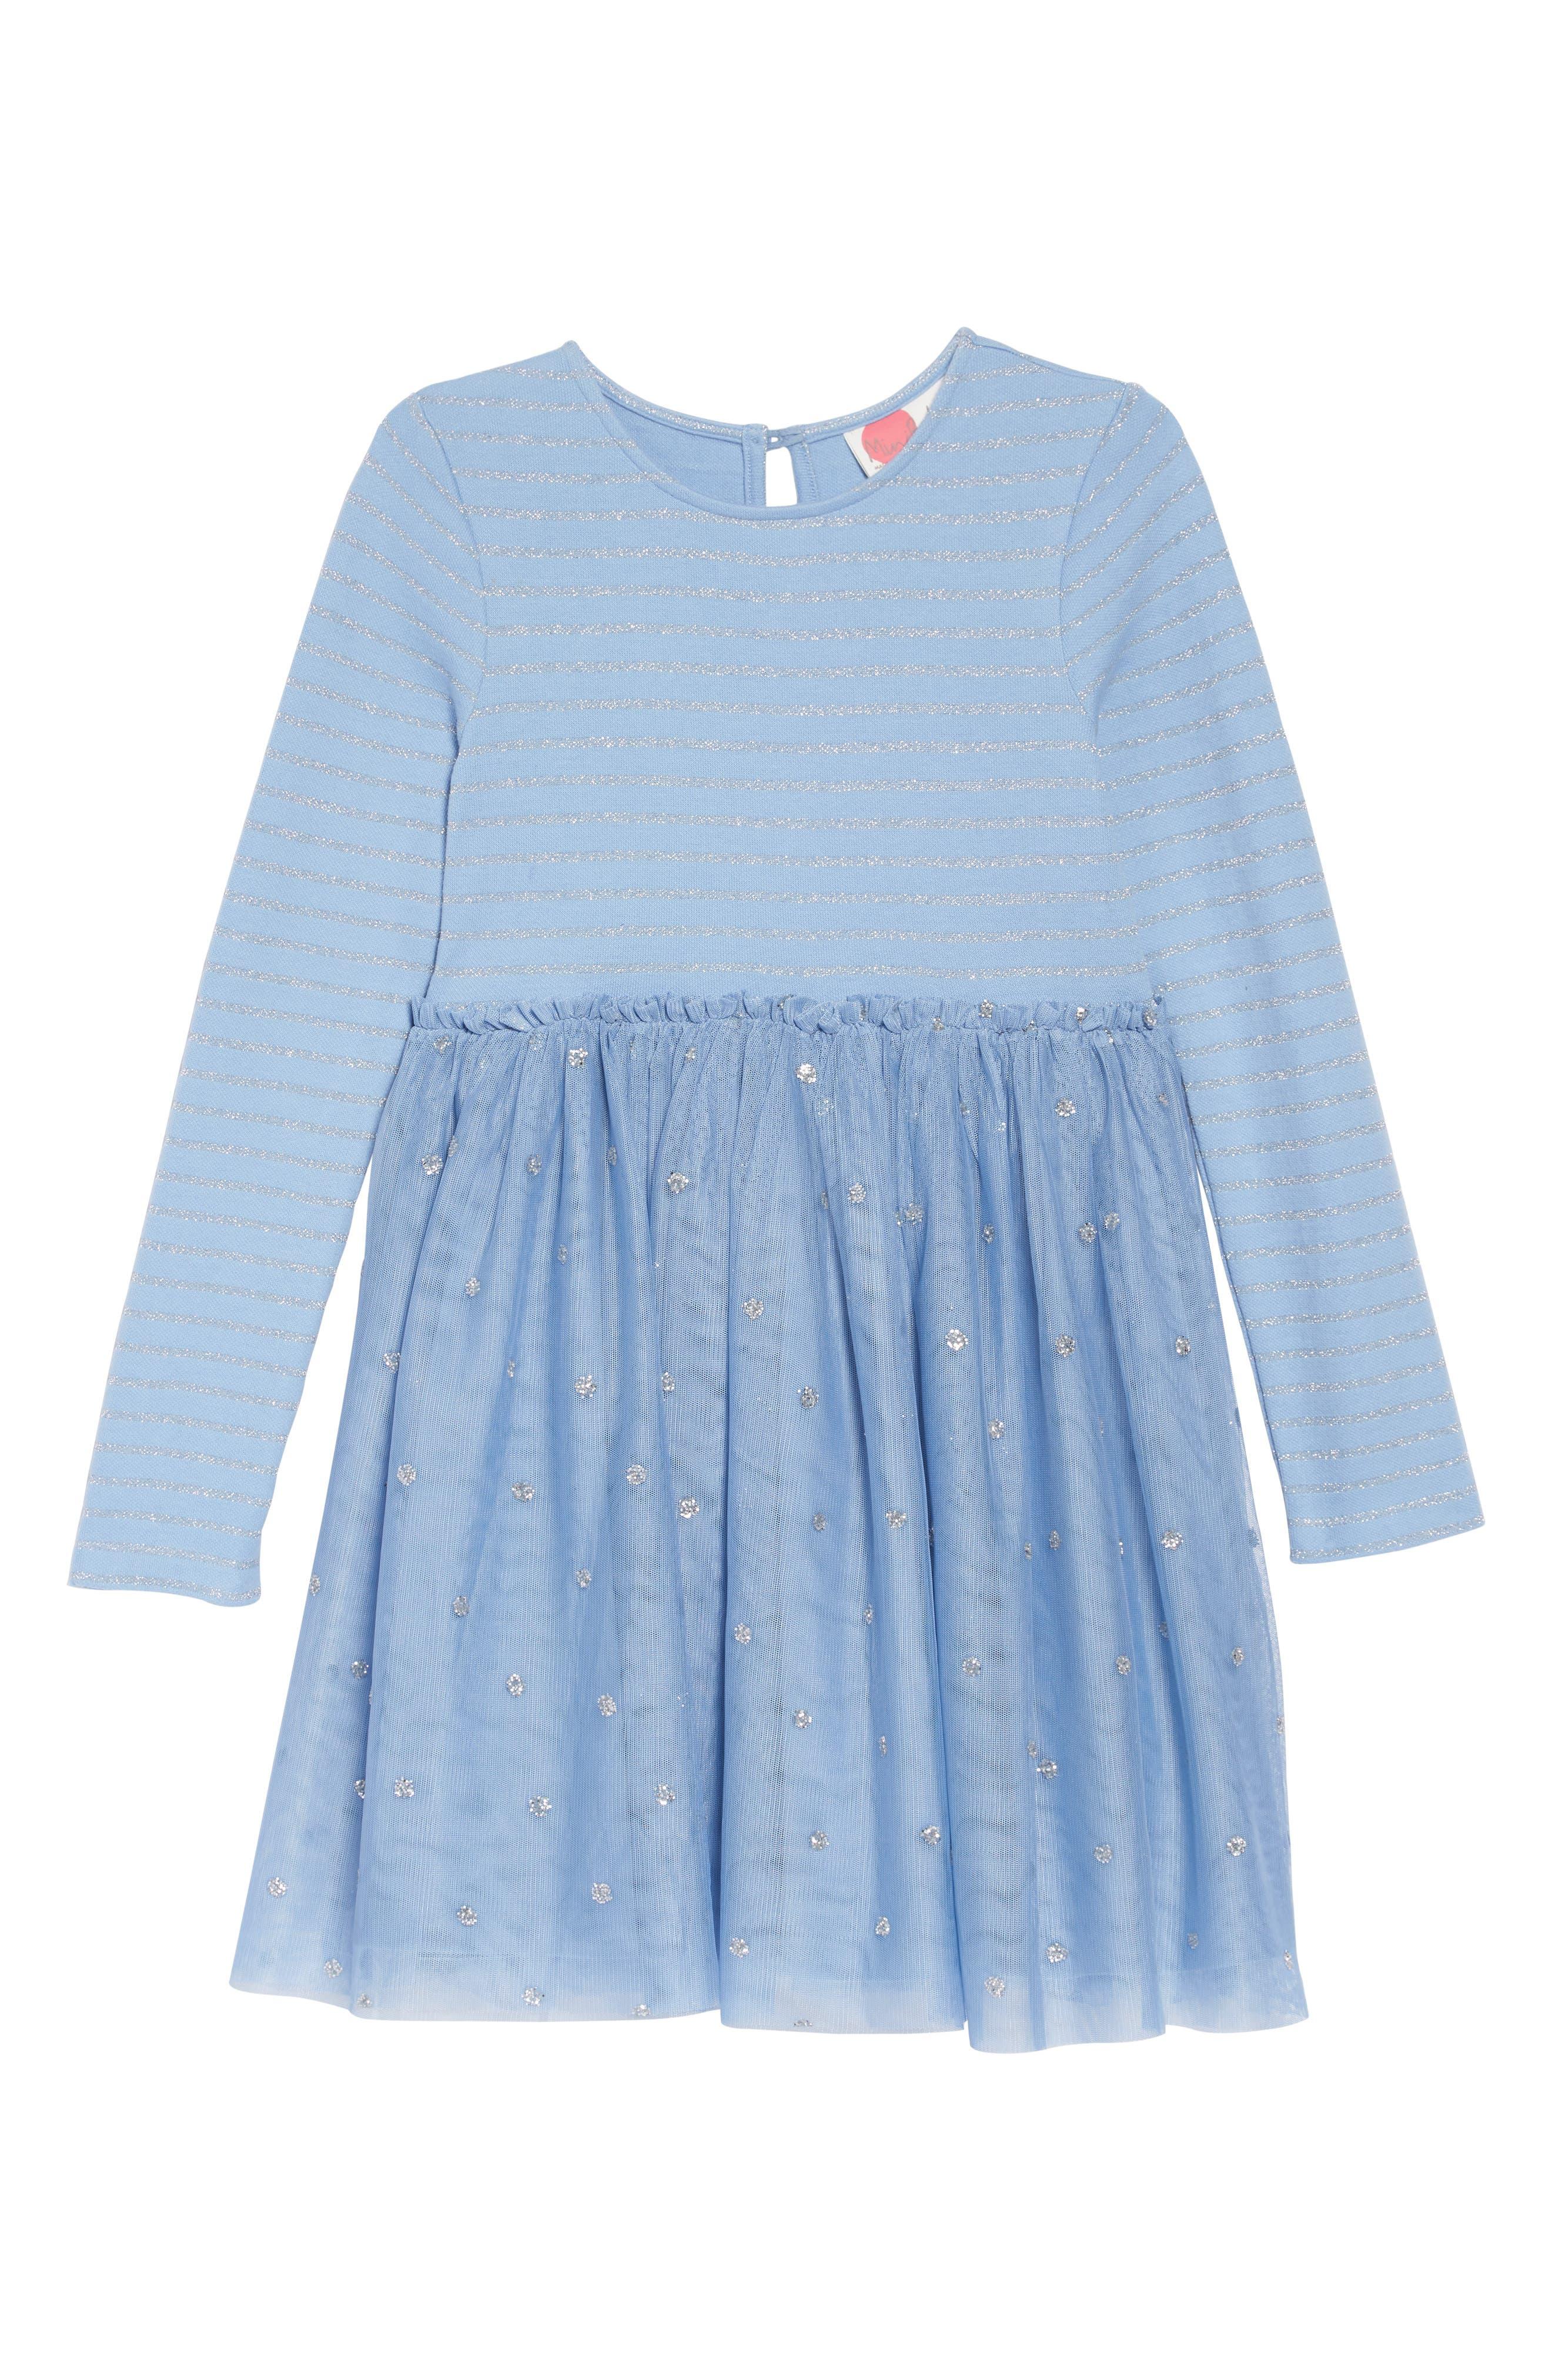 Girls Mini Boden Tulle Frill Dress